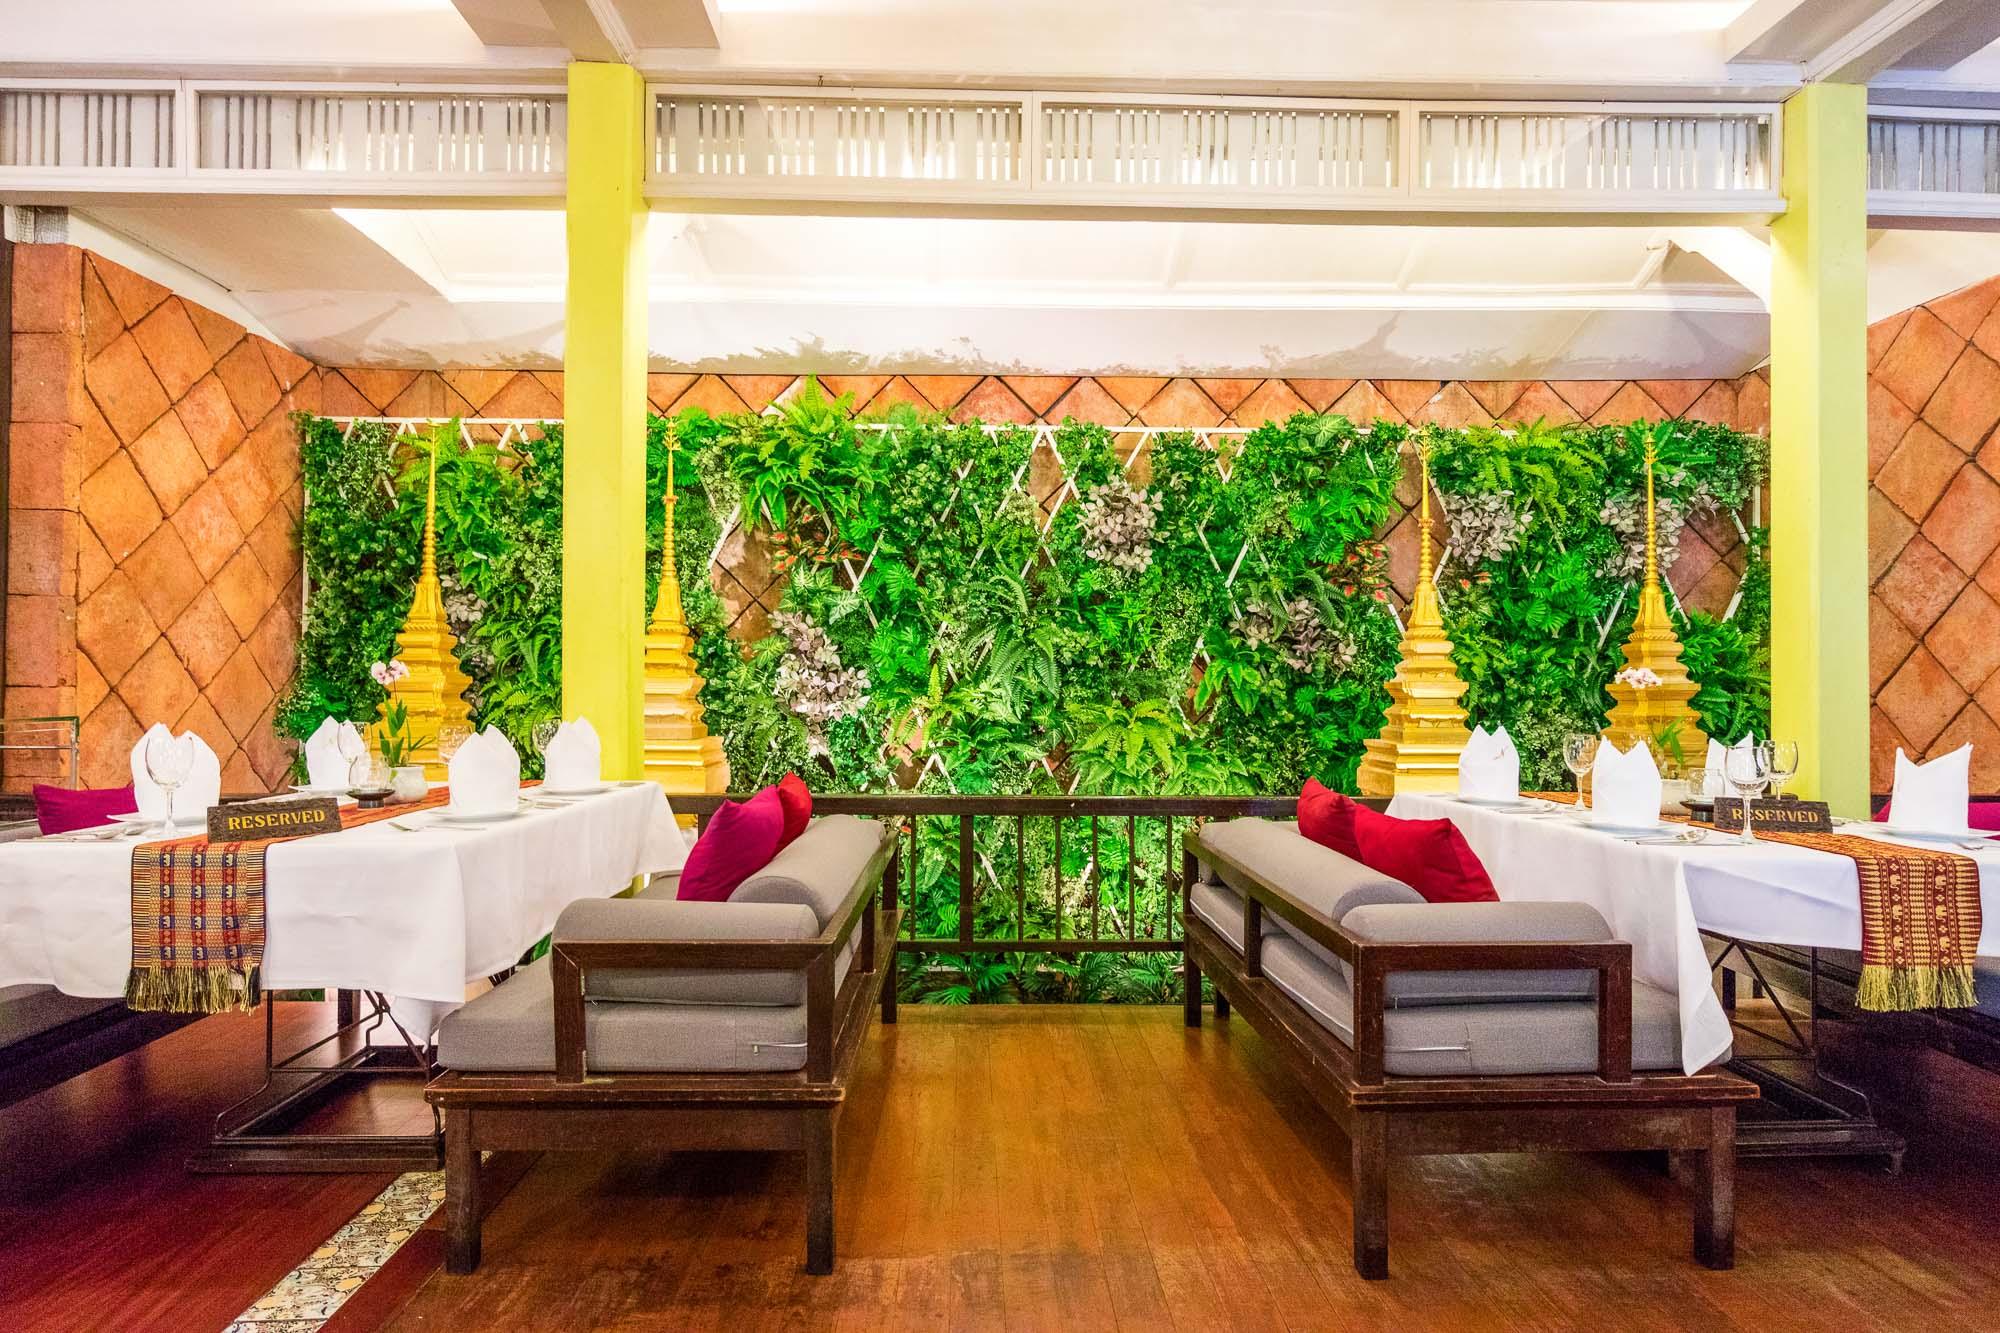 นาจ Naj Exquisite Thai Cusine & Naj Thai Cooking School  นาจ Naj Exquisite Thai Cuisine ชวนลิ้มลองอาหารไทยสุดหรู ย่านสีลม IMG 4012